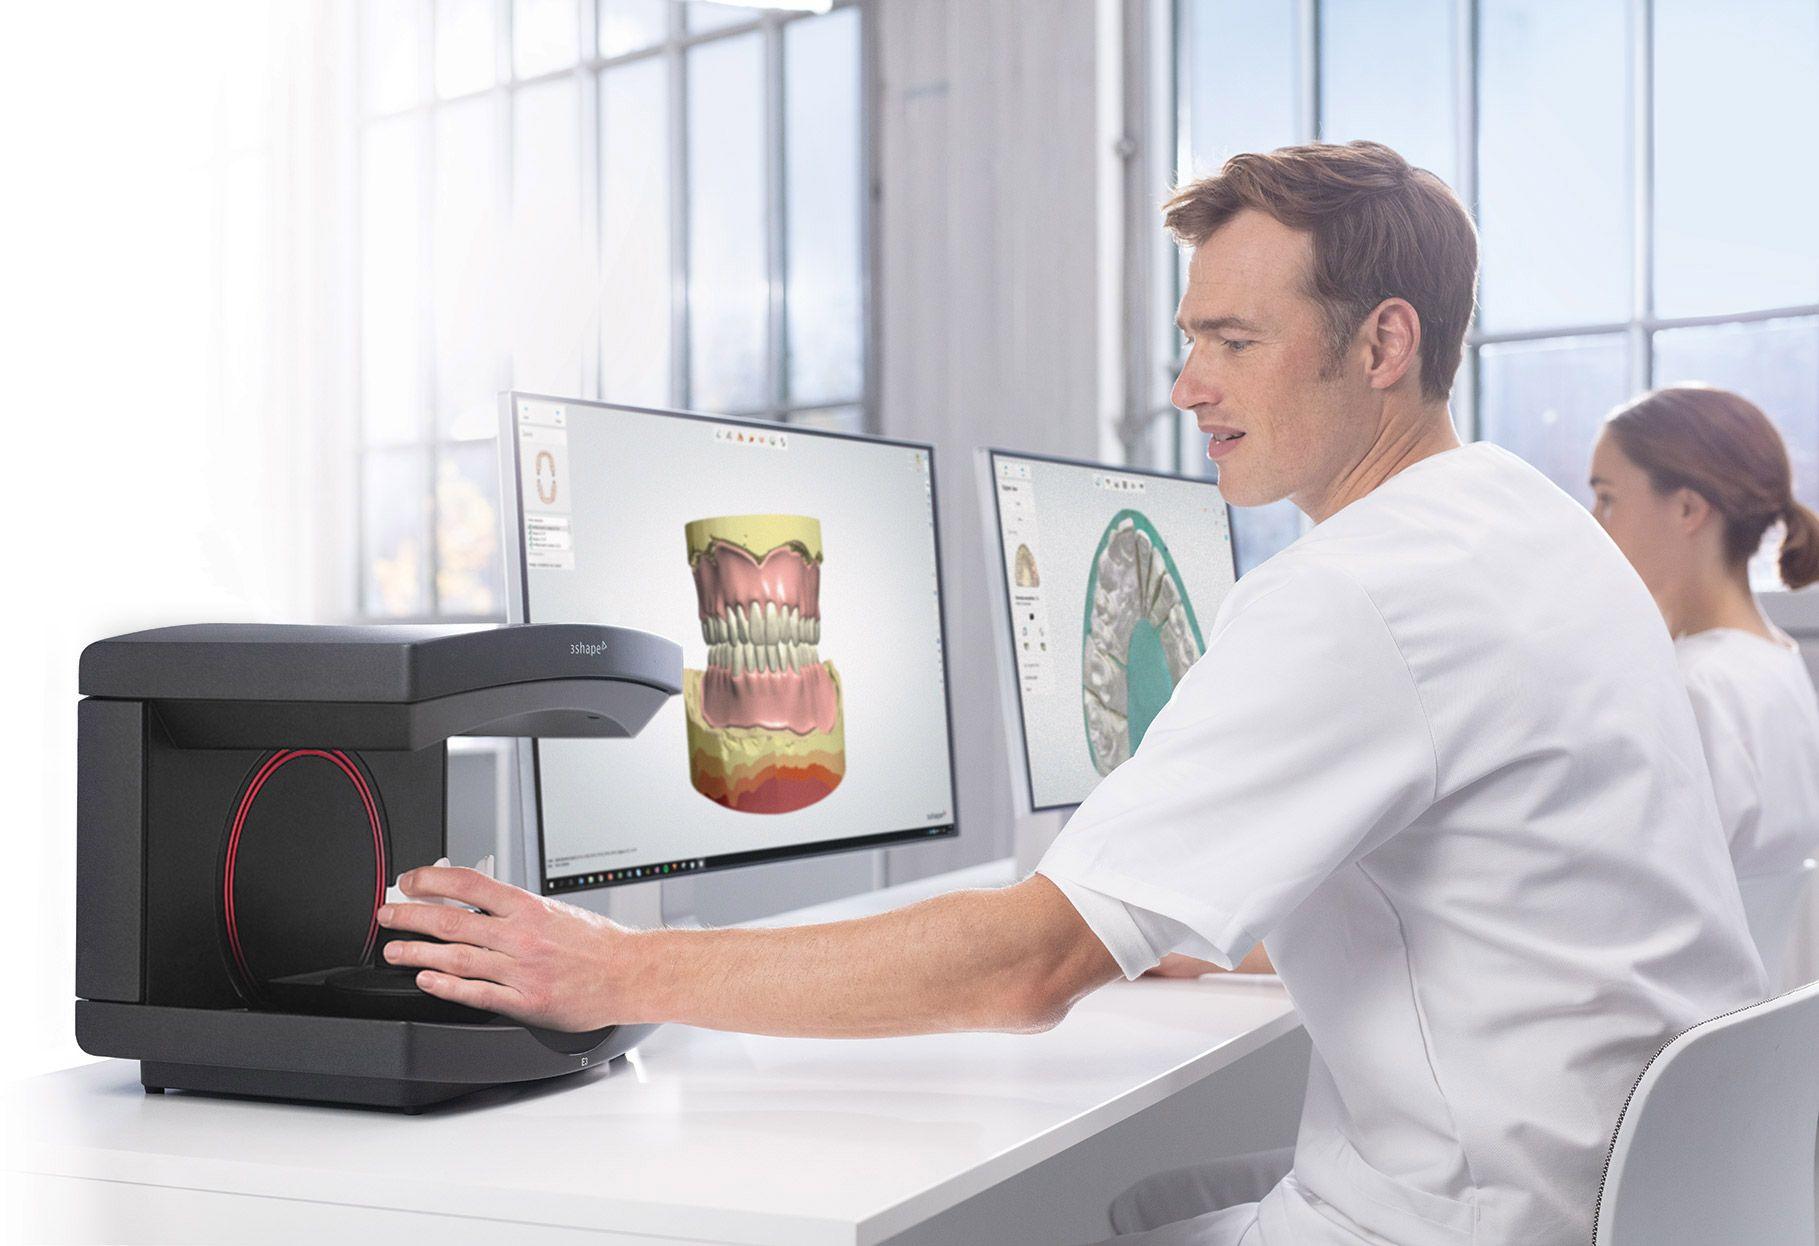 un professionista dentale sta utilizzando lo scanner E4